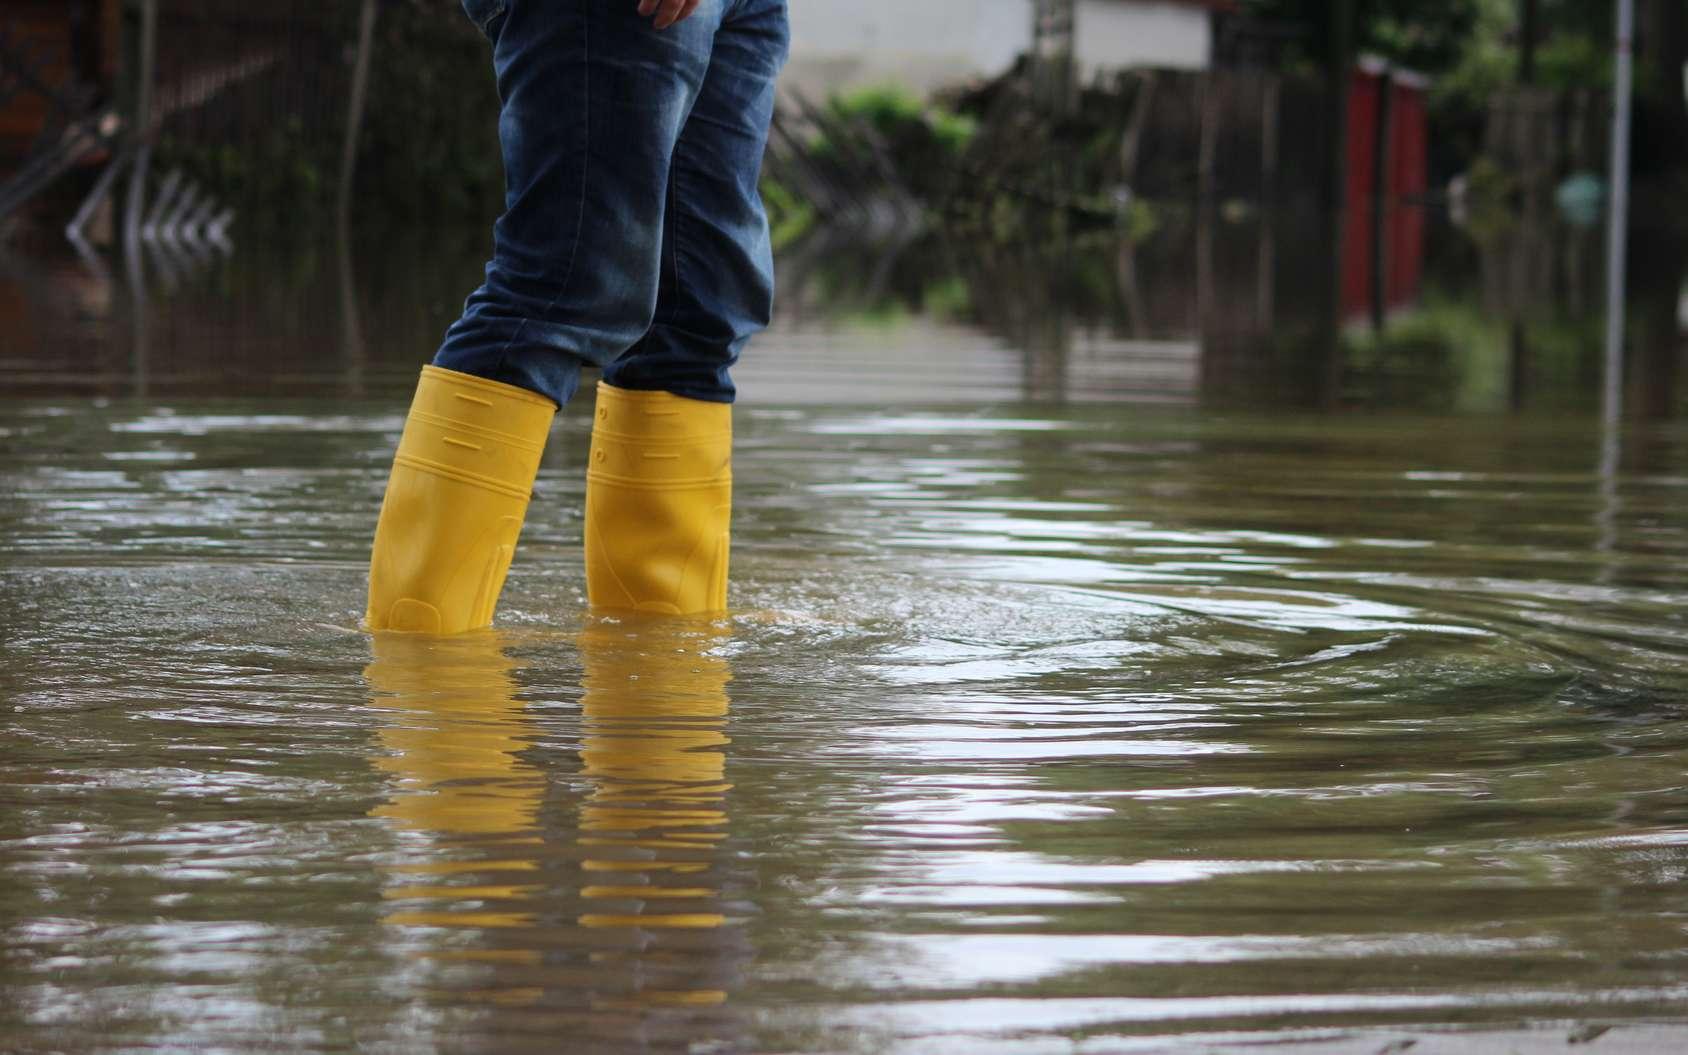 Inondation d'un quartier construit dans une ancienne zone humide après une crue de la rivière Aa. © Rico Löb, Fotolia